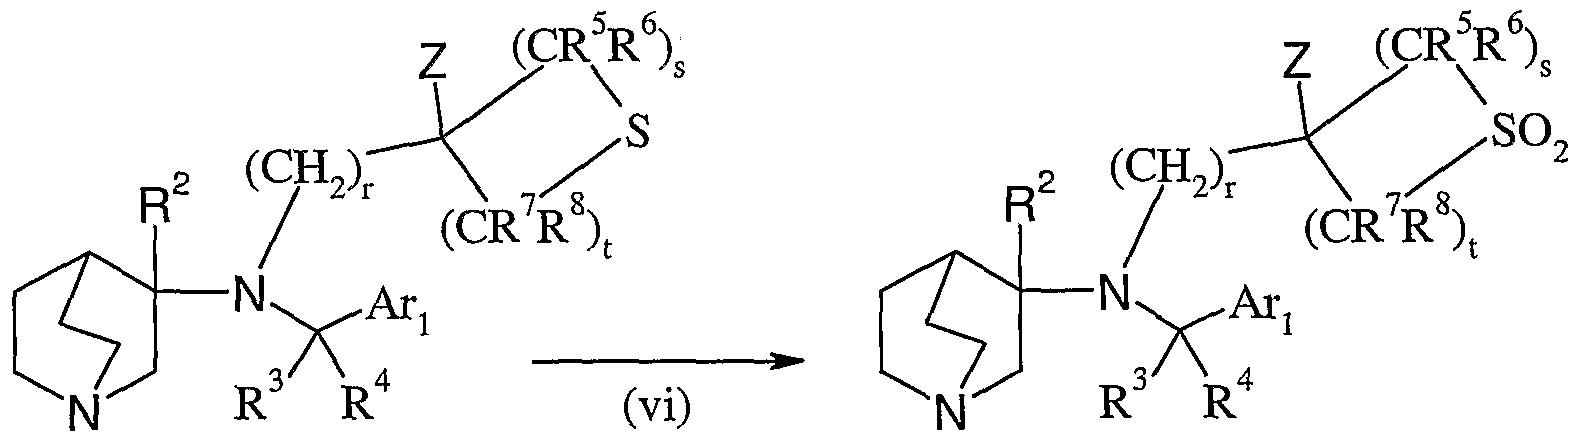 Figure imgf000059_0002